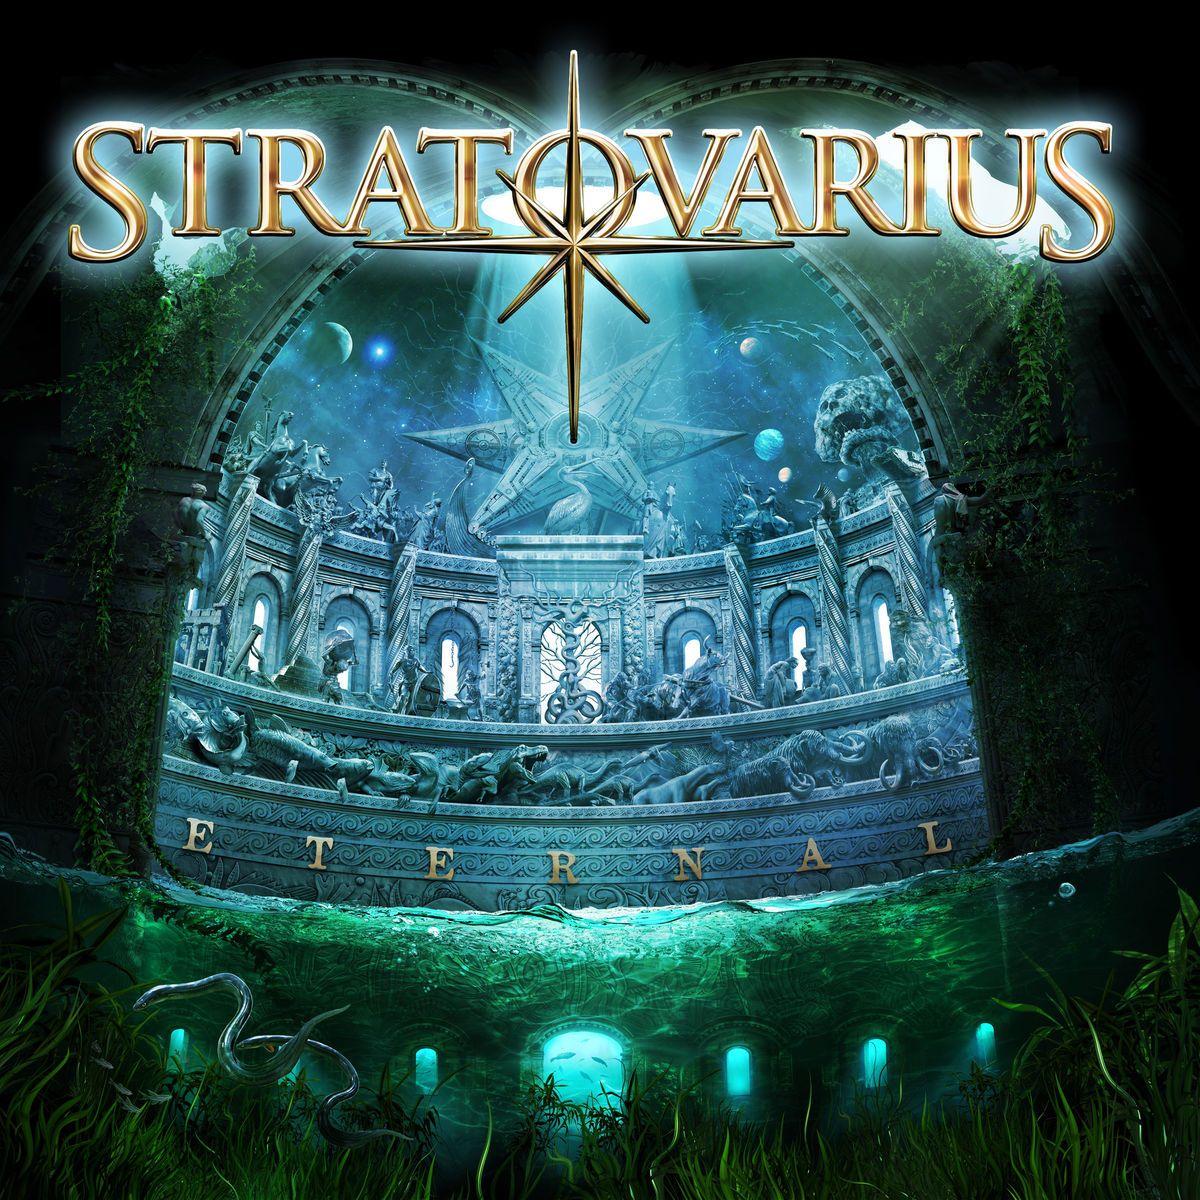 Stratovarius - Eternal album cover